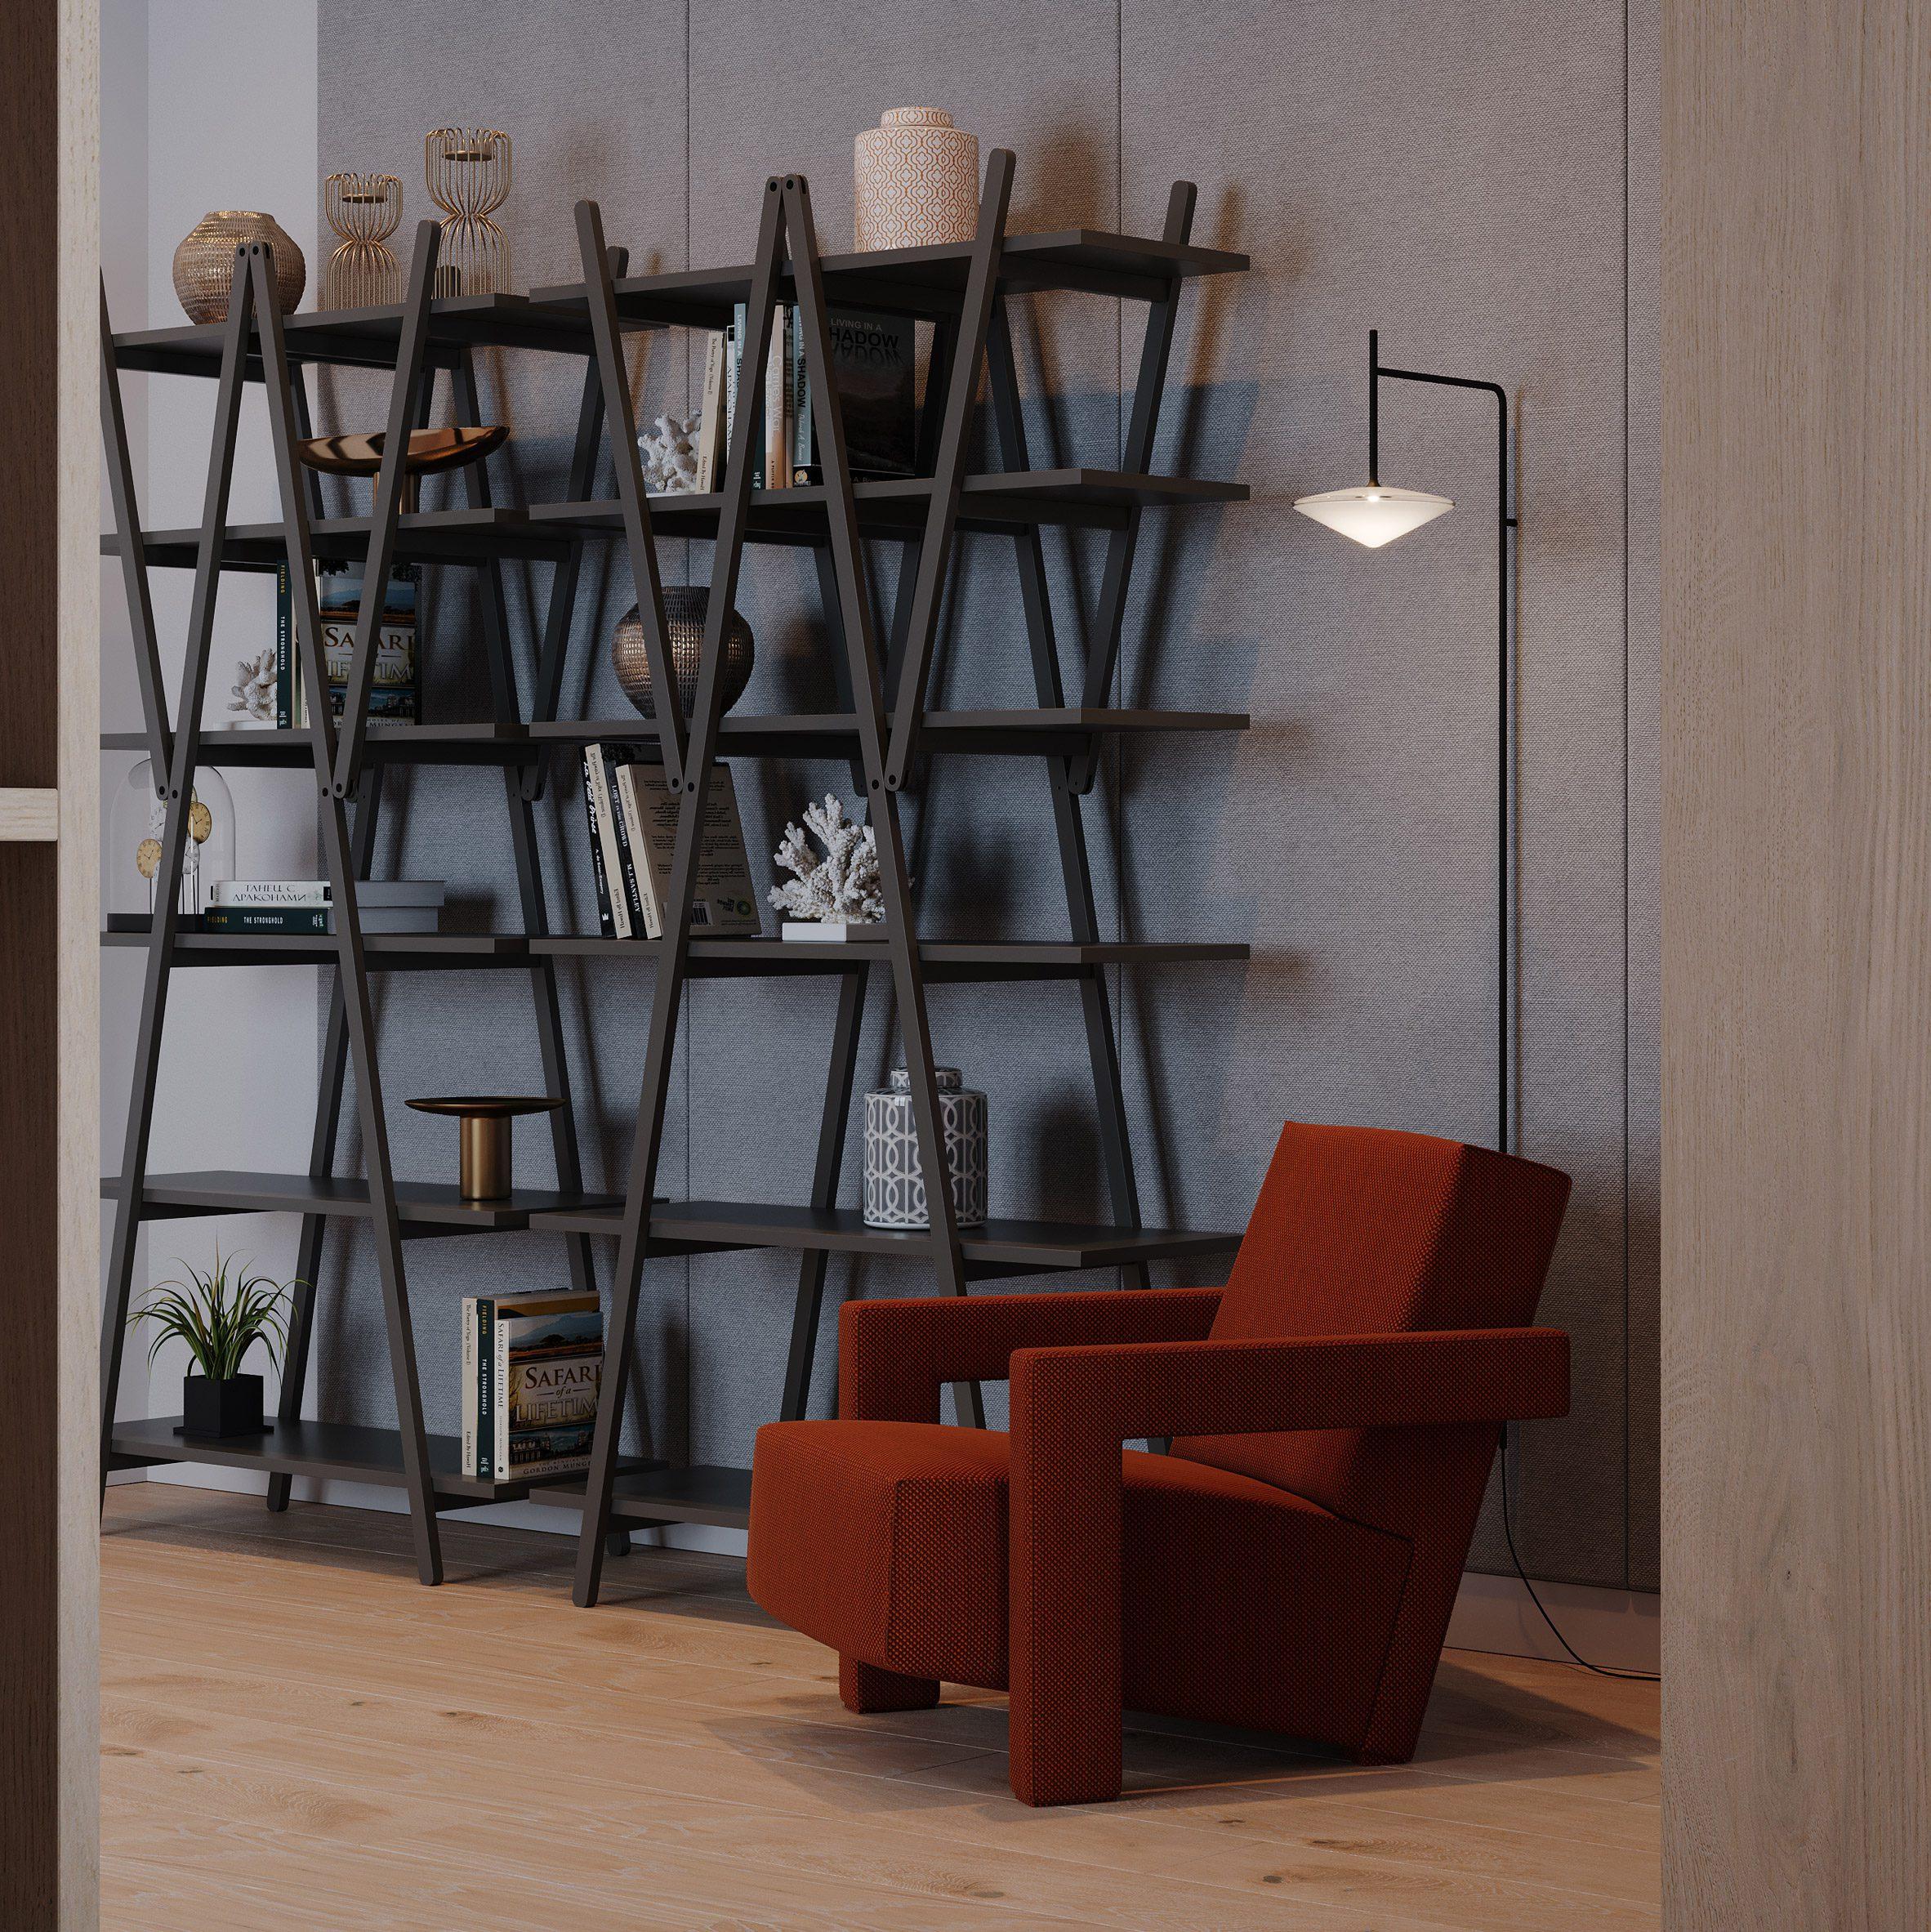 Nuvola Rossa Pro bookcase by Vico Magistretti for Cassina